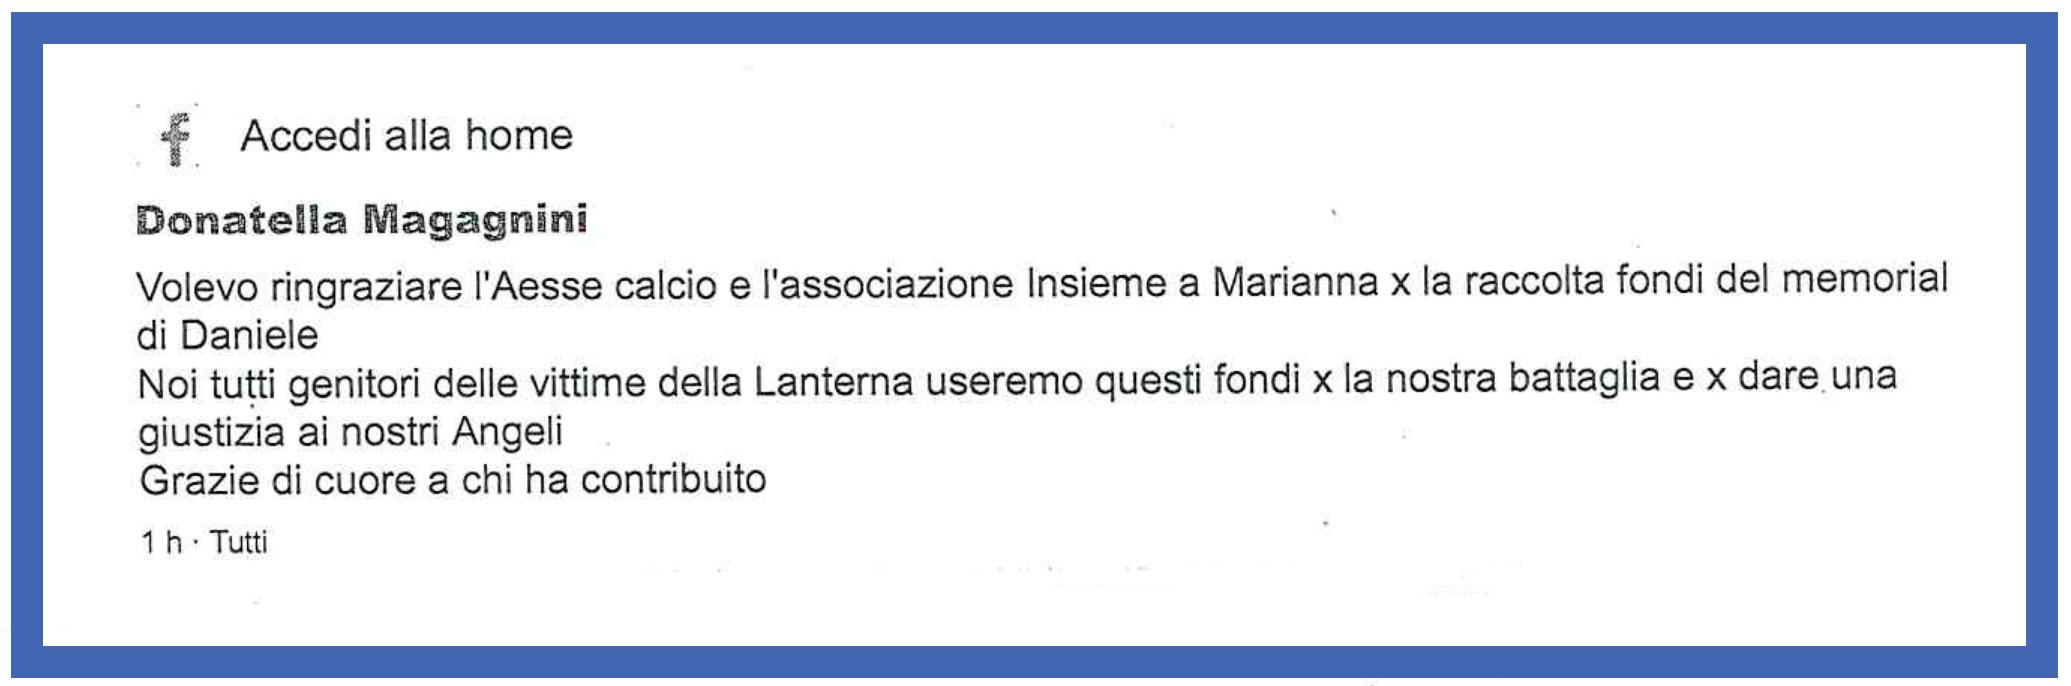 Ringraziamento-per-raccolta-fondi-strage-discoteca--Associazione-Insieme-a-Marianna